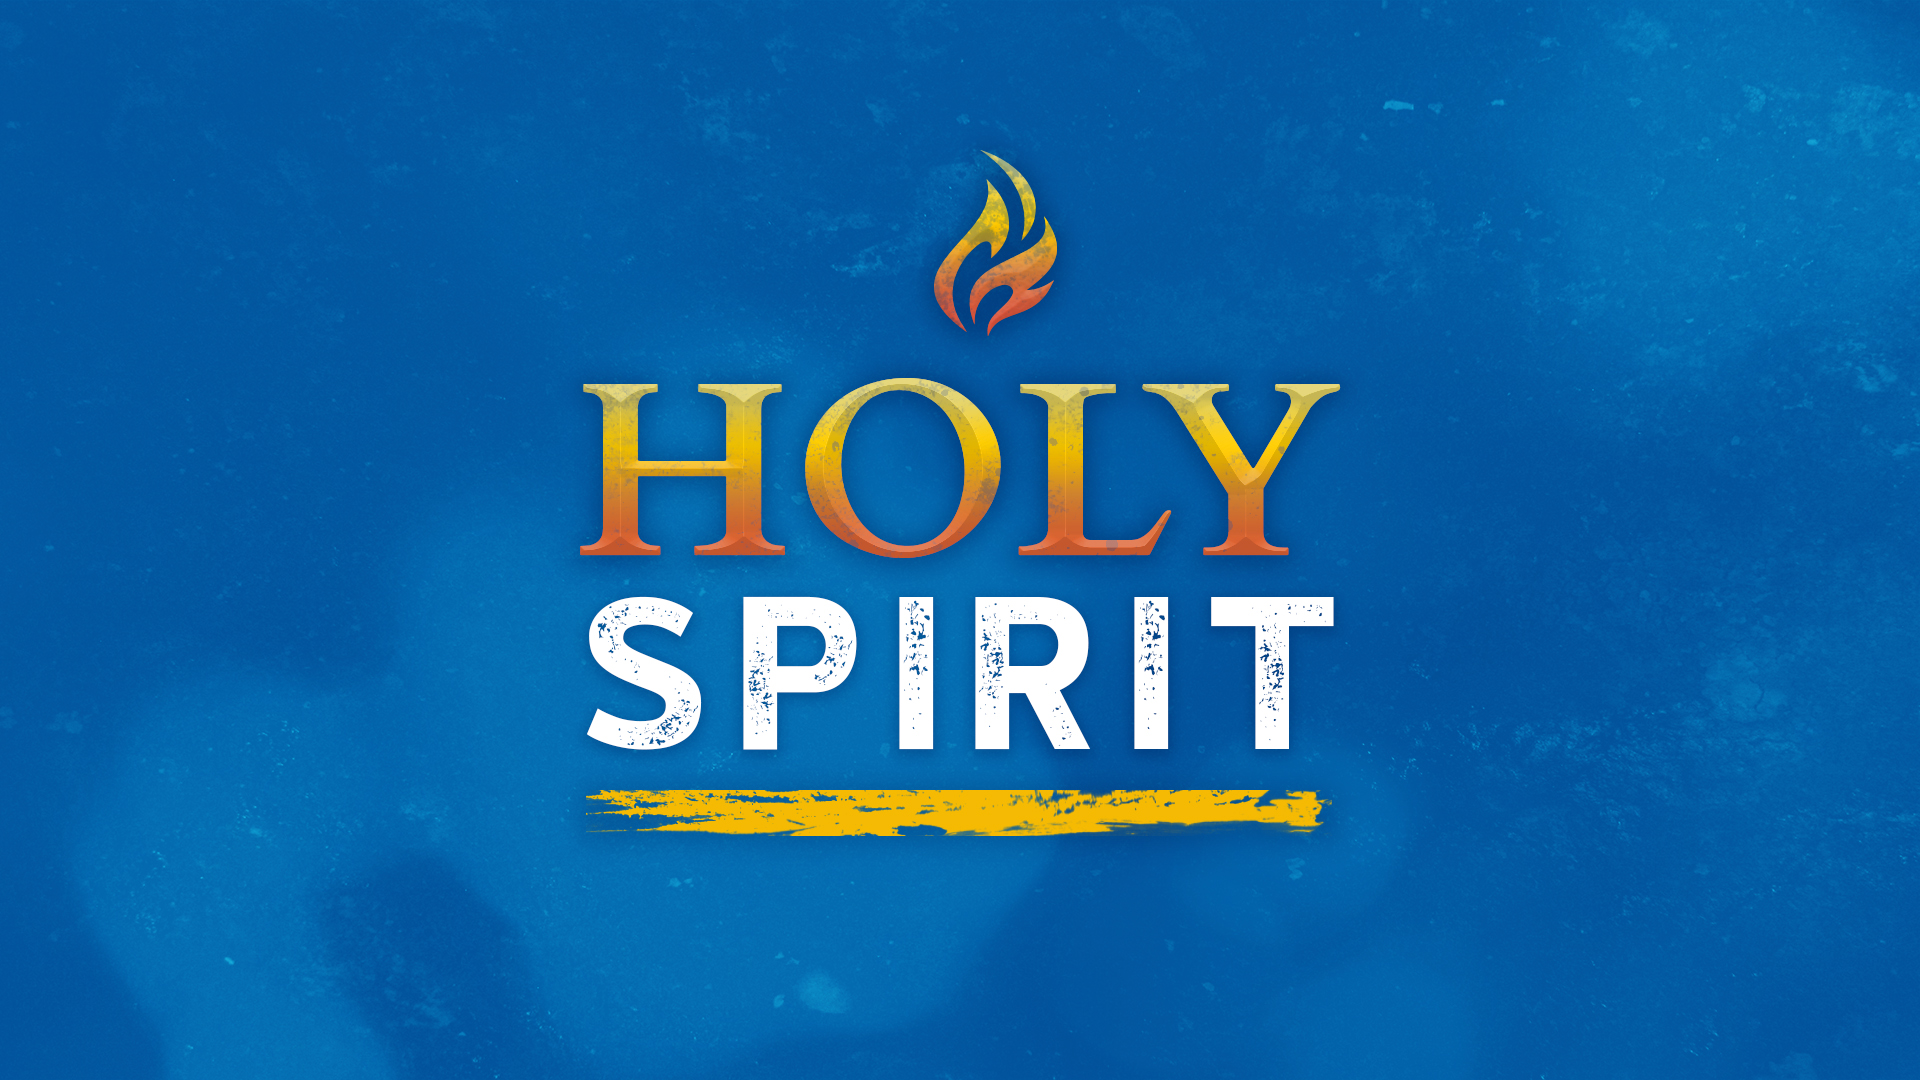 Holy_Spirit.jpg